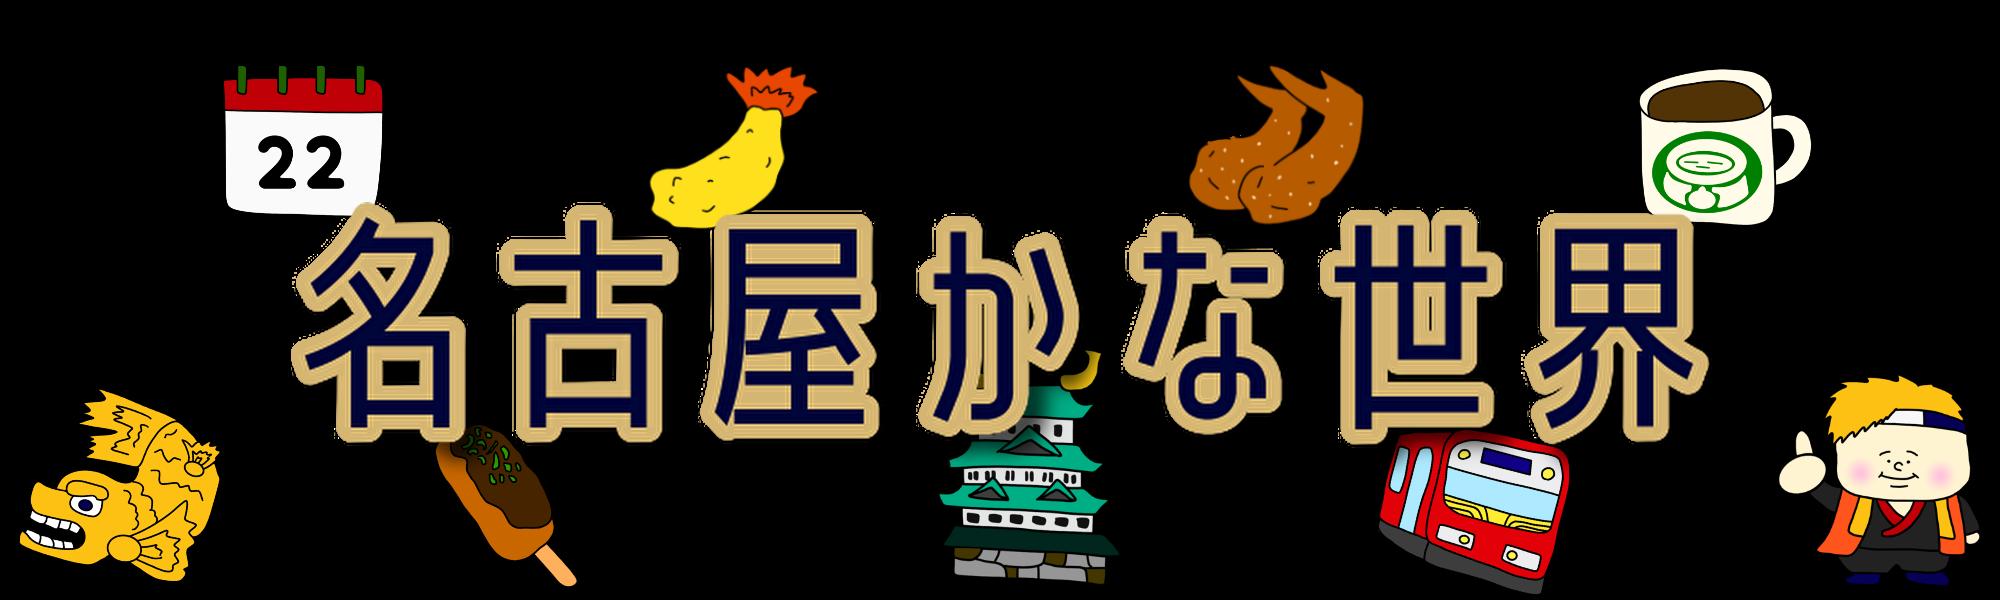 名古屋かな世界|愛知県・名古屋のデートスポット検索ポータルサイト